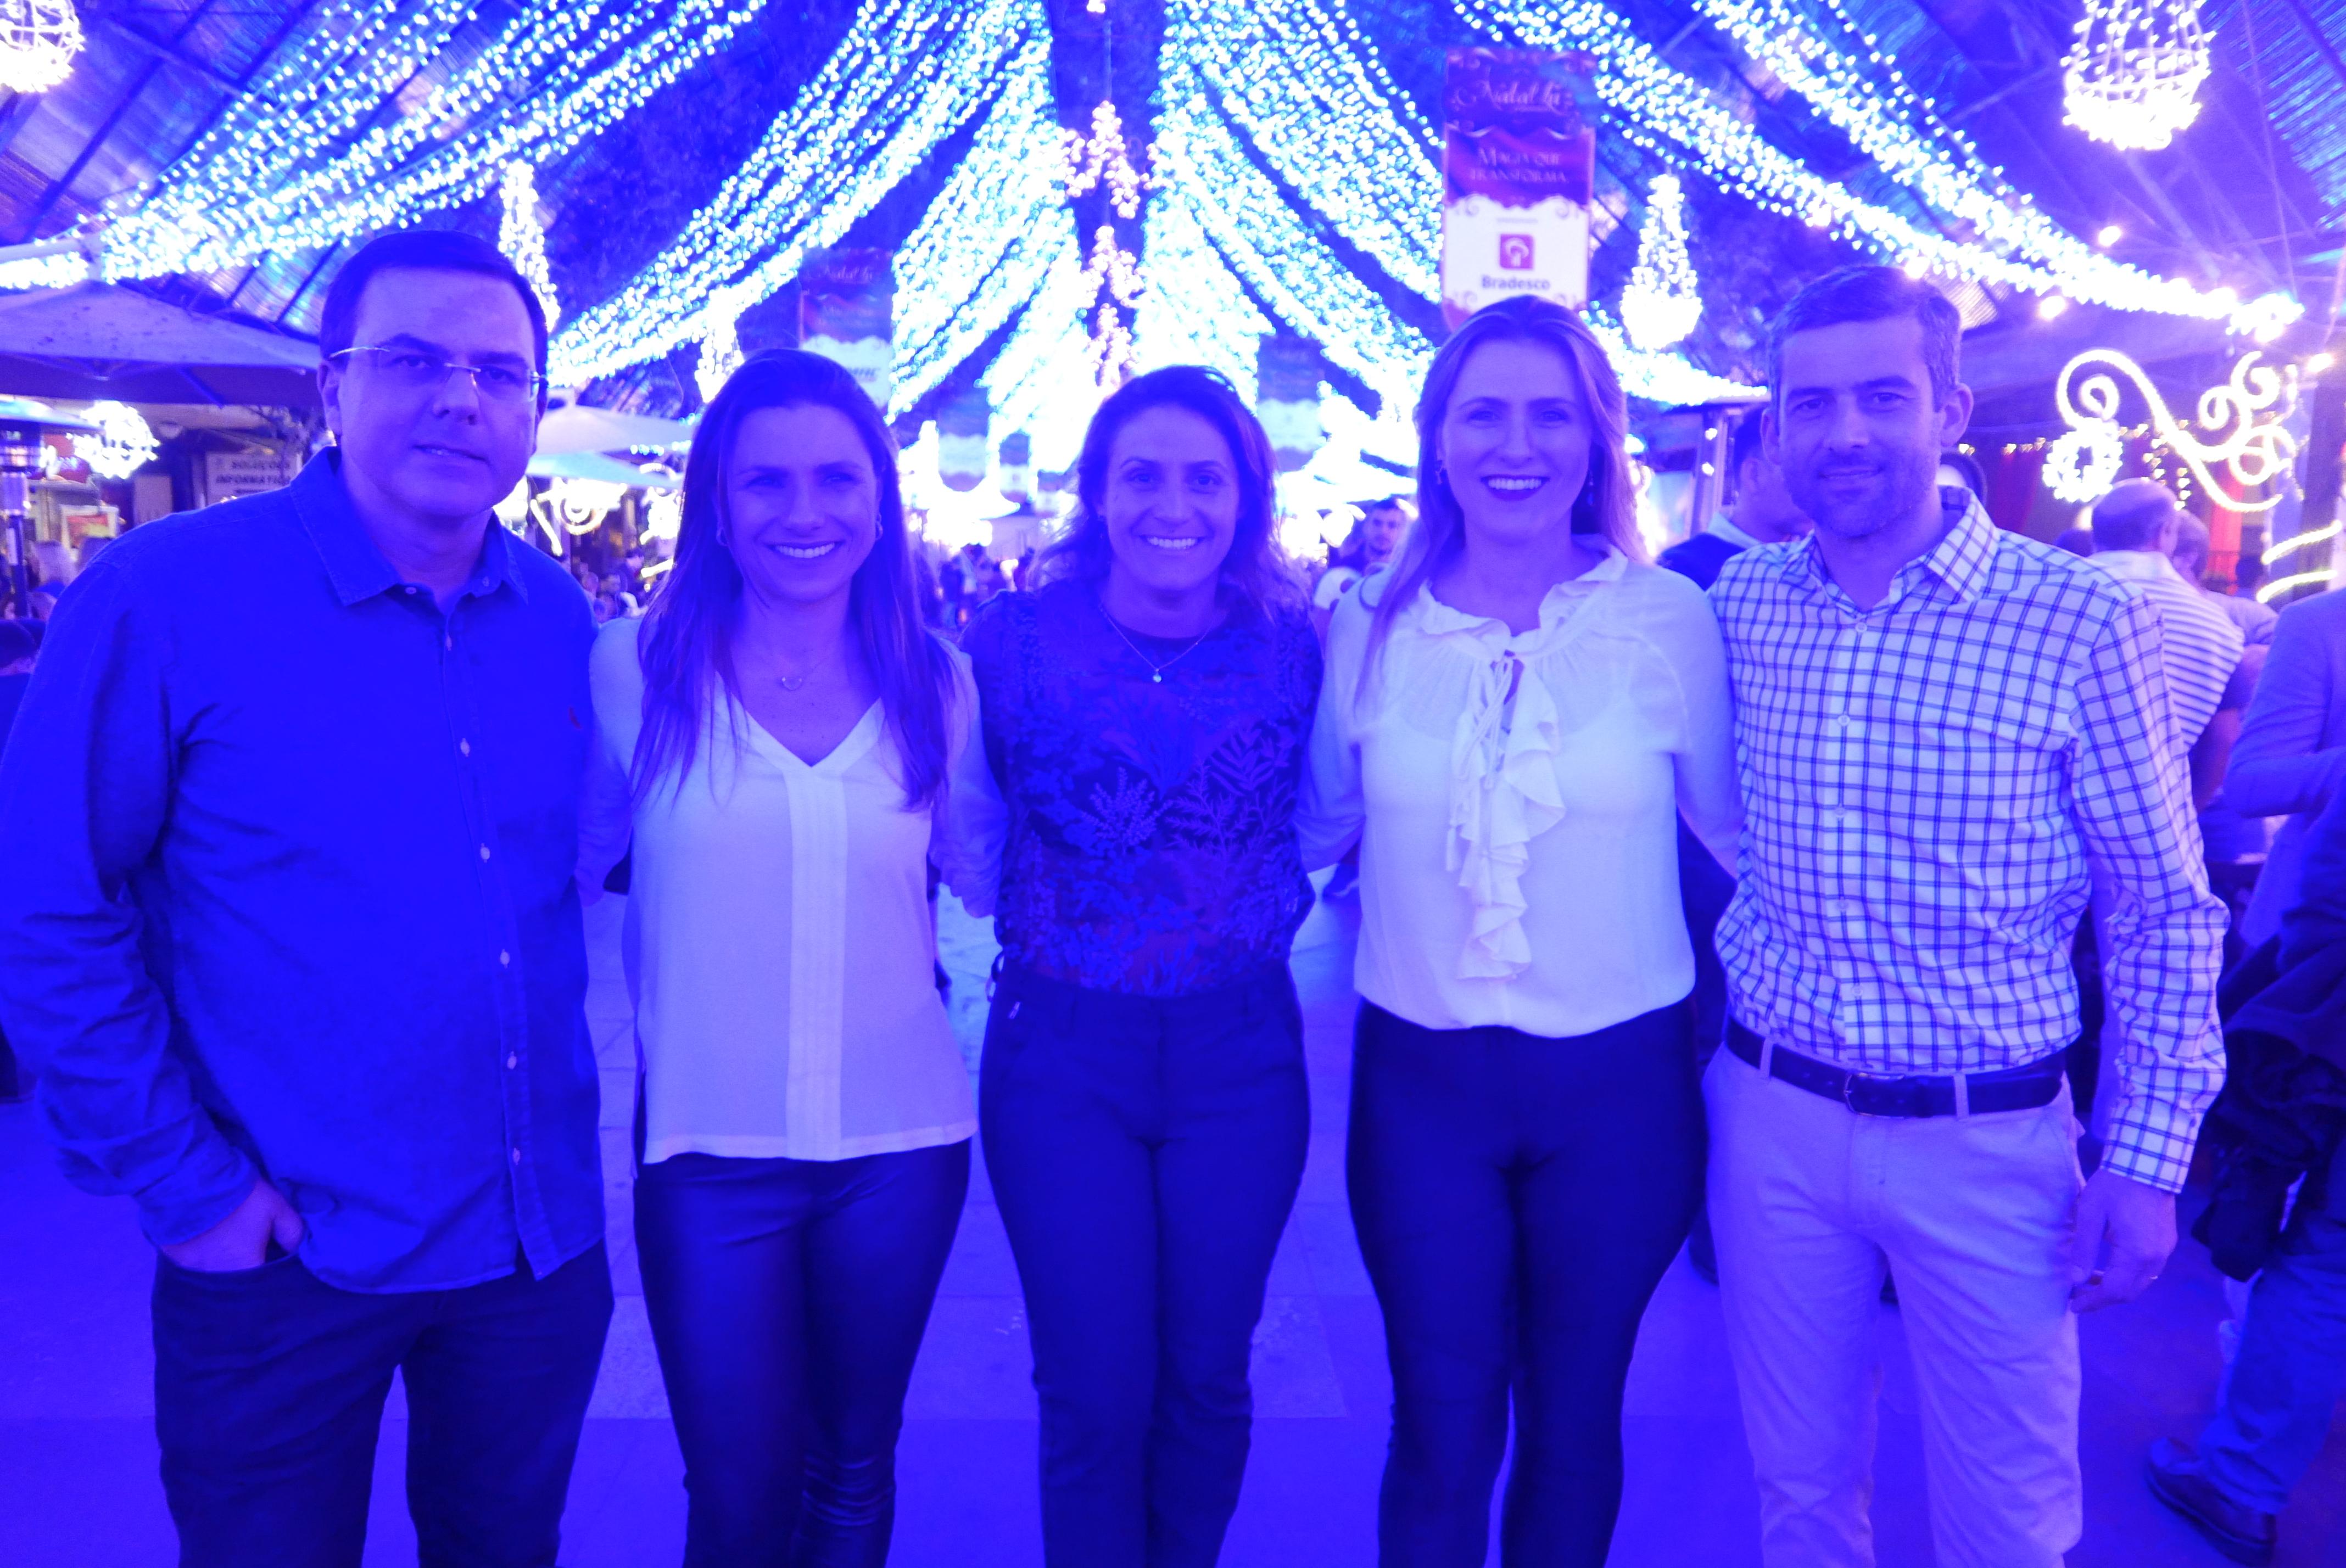 Ronald Spieker, sócio-diretor da Laghetto Hotéis; Any Brocker, Carlise Bianchi, Luiza Brocker, e Fábio Bordin, diretores do Grupo Brocker (Fotos: Claudia Tonaco)